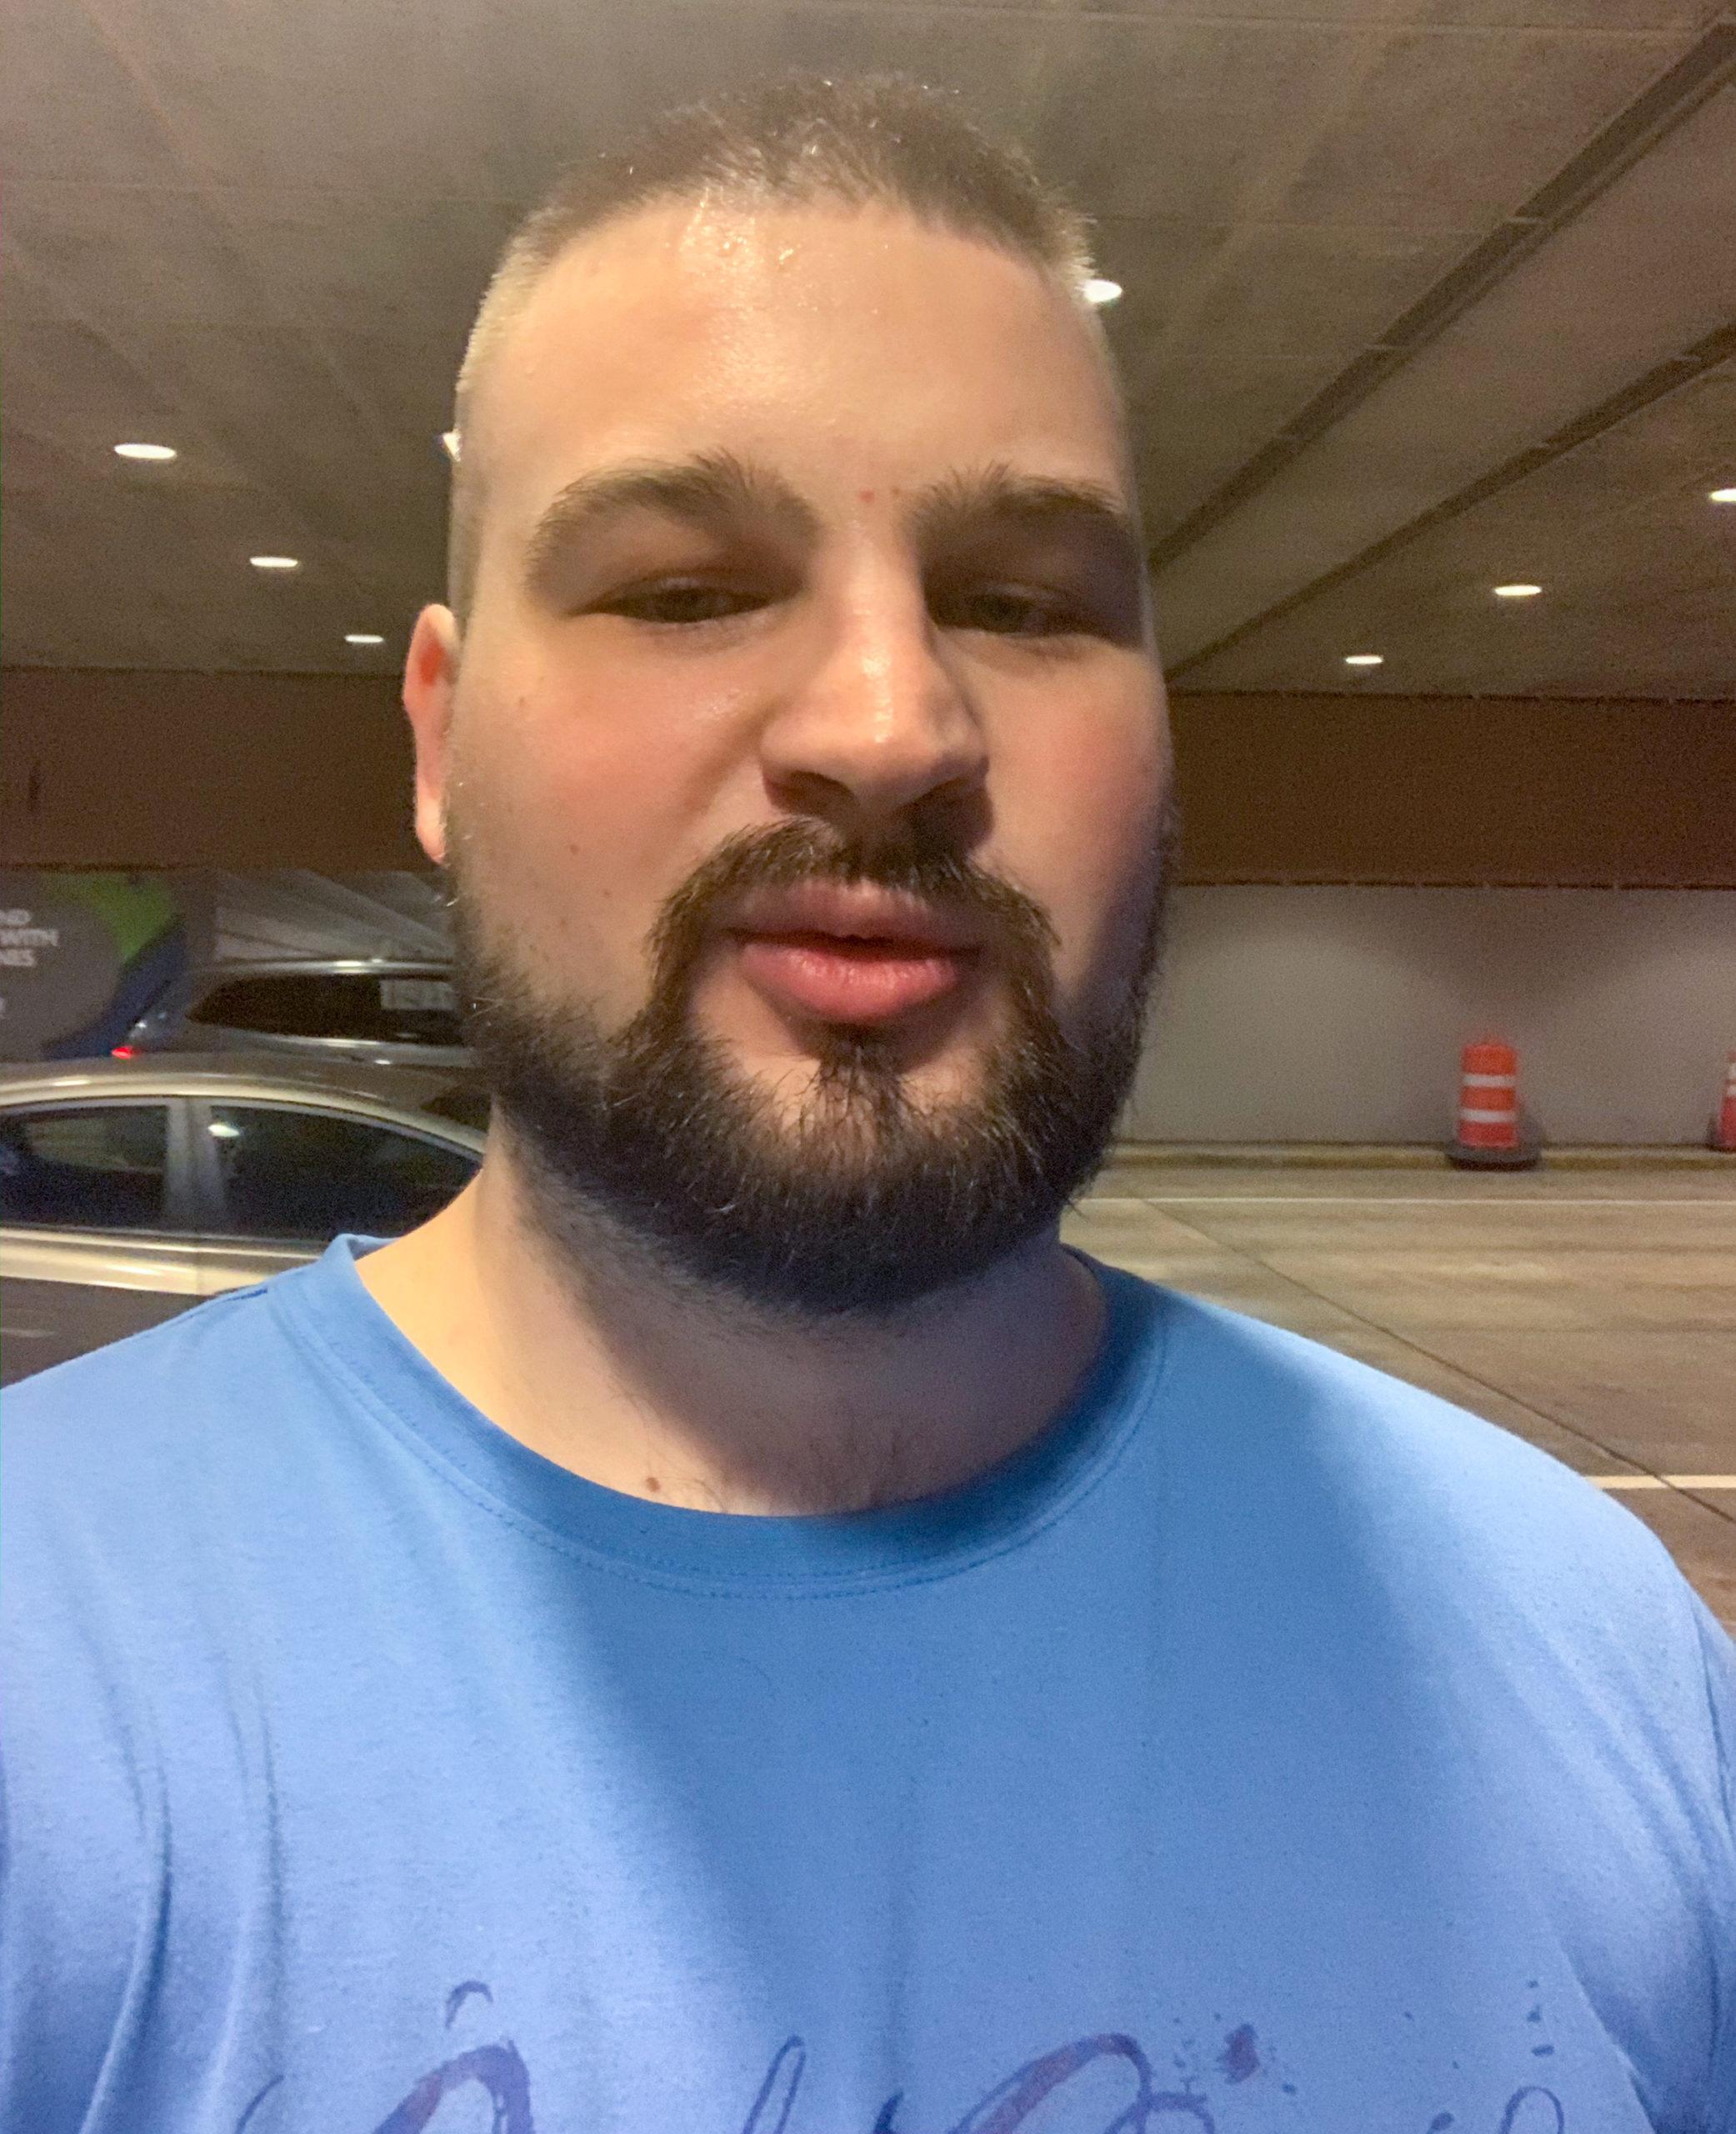 Izzadtan a reptér előtt